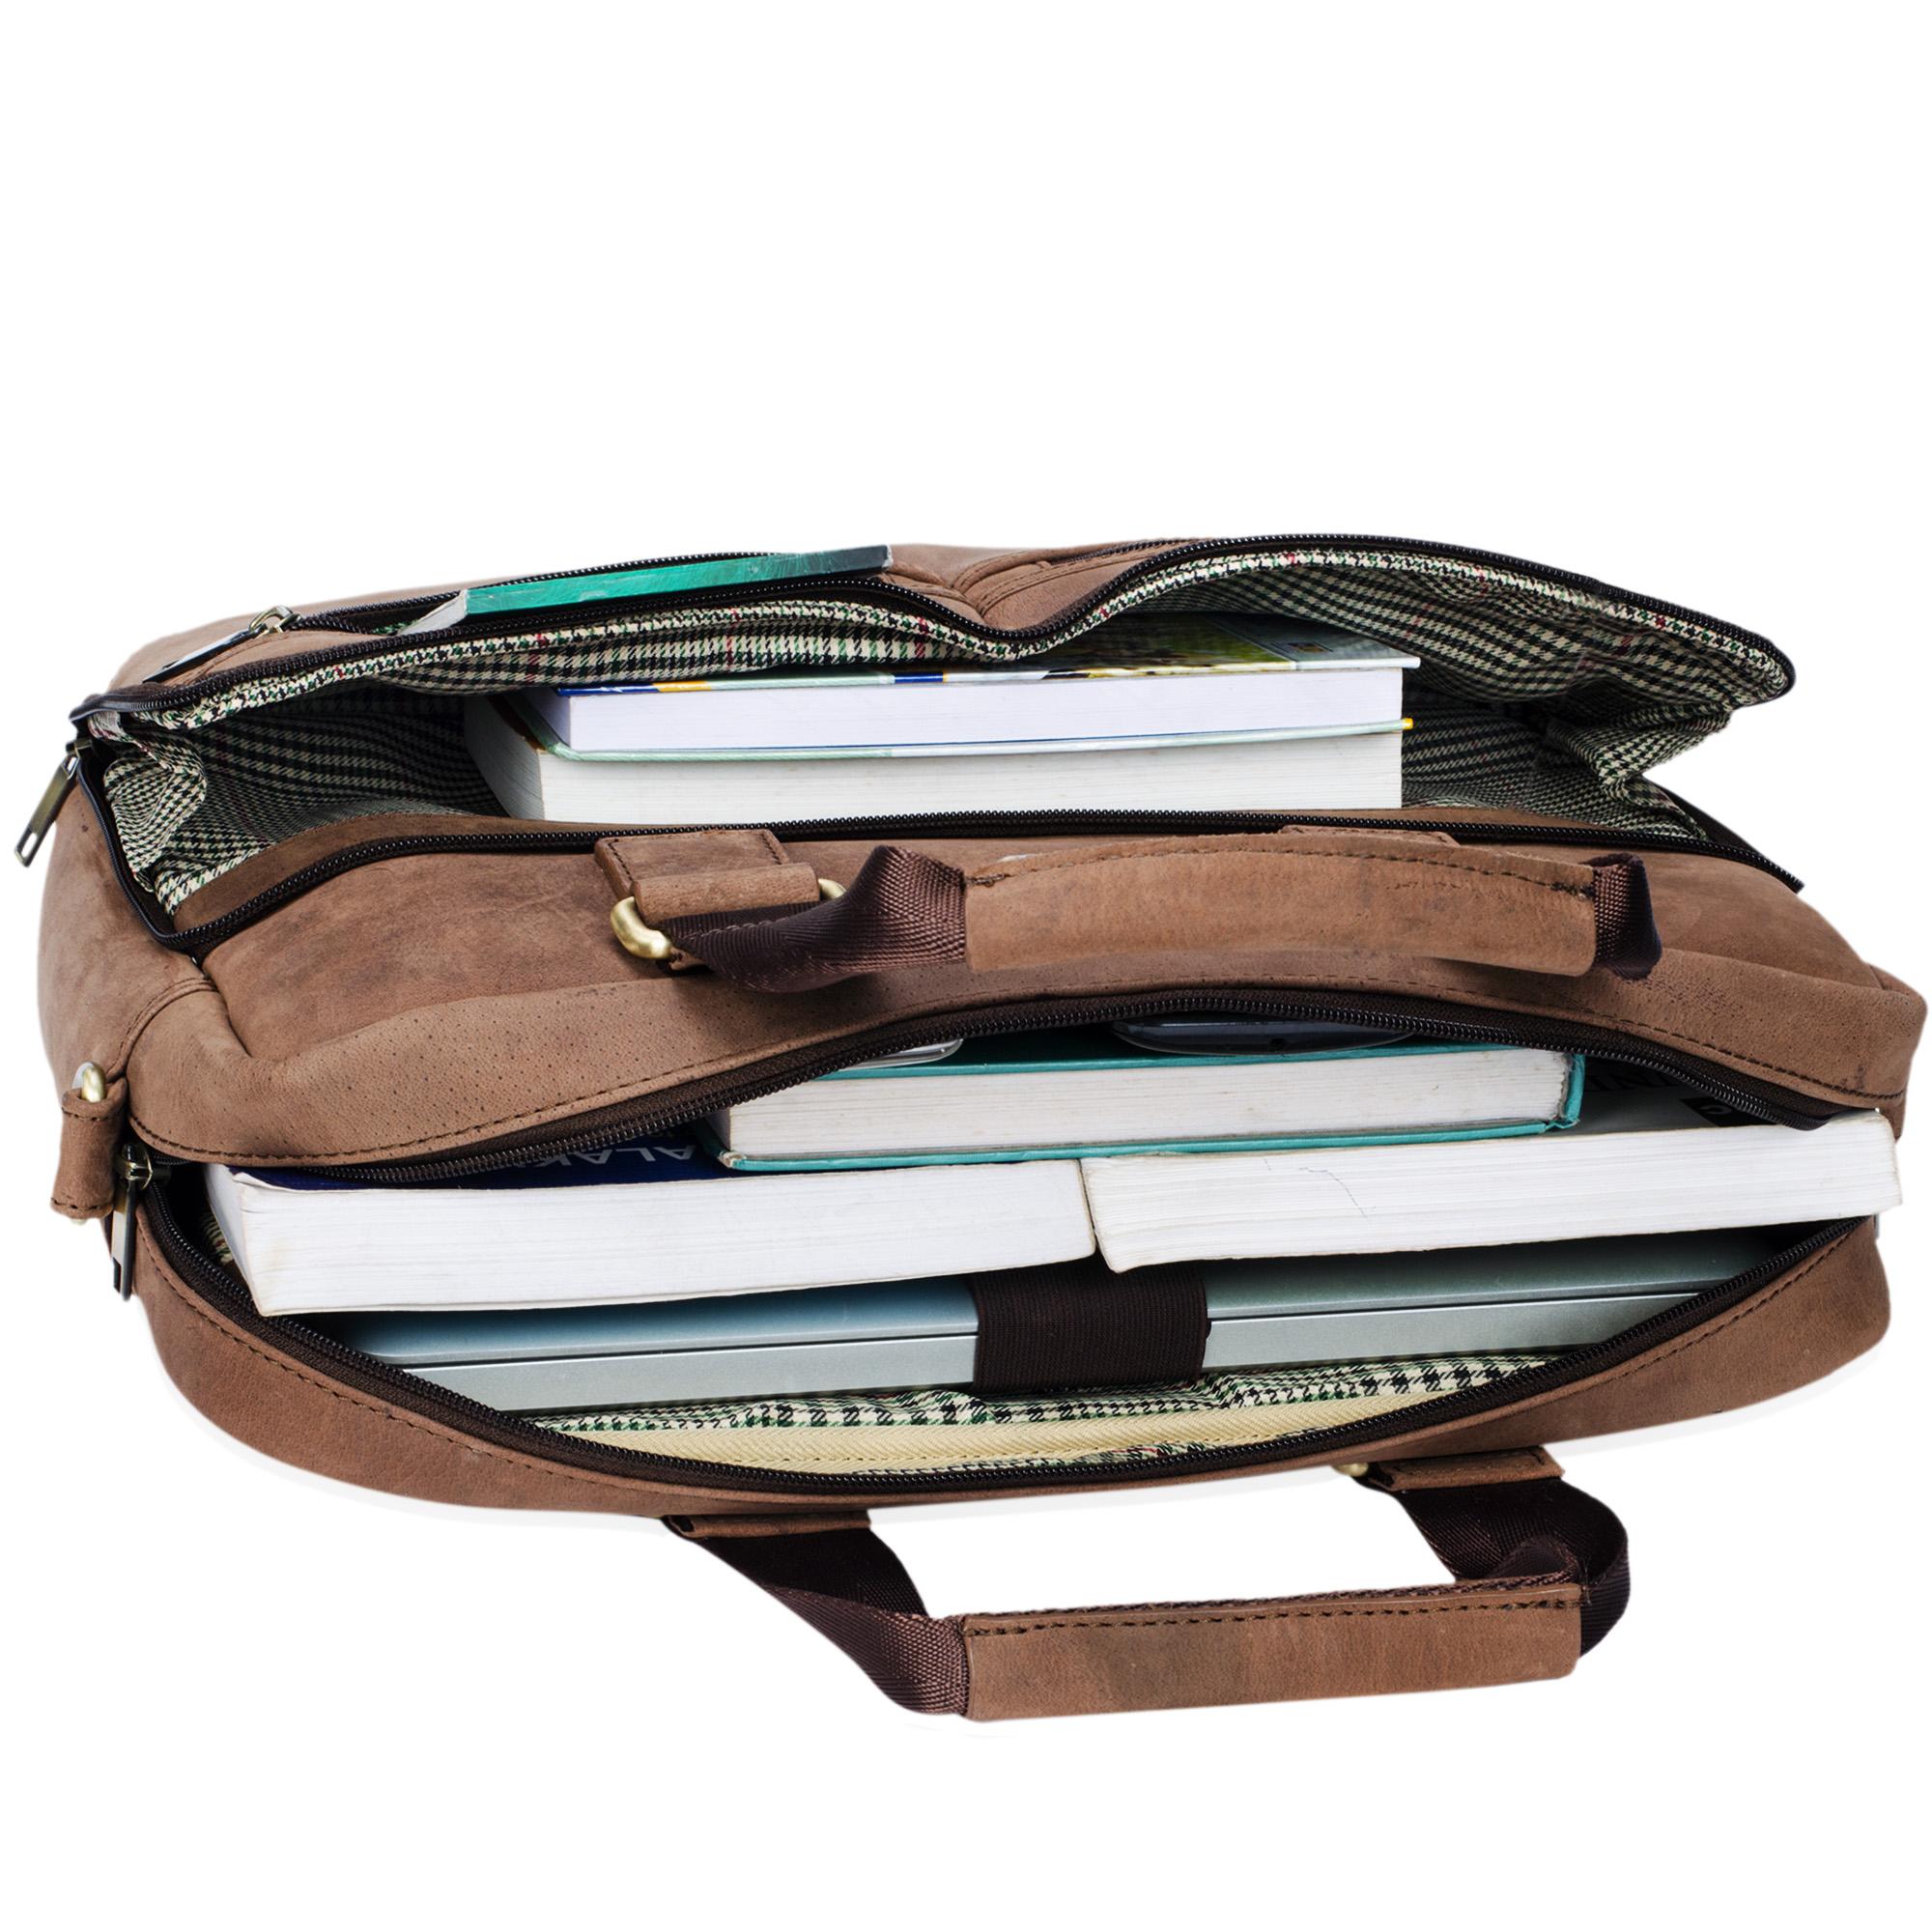 """STILORD """"Vito"""" Vintage Businesstasche Leder Herren Damen 14 Zoll Laptoptasche Umhängetasche Aktentasche Arbeitstasche Rindsleder - Bild 7"""